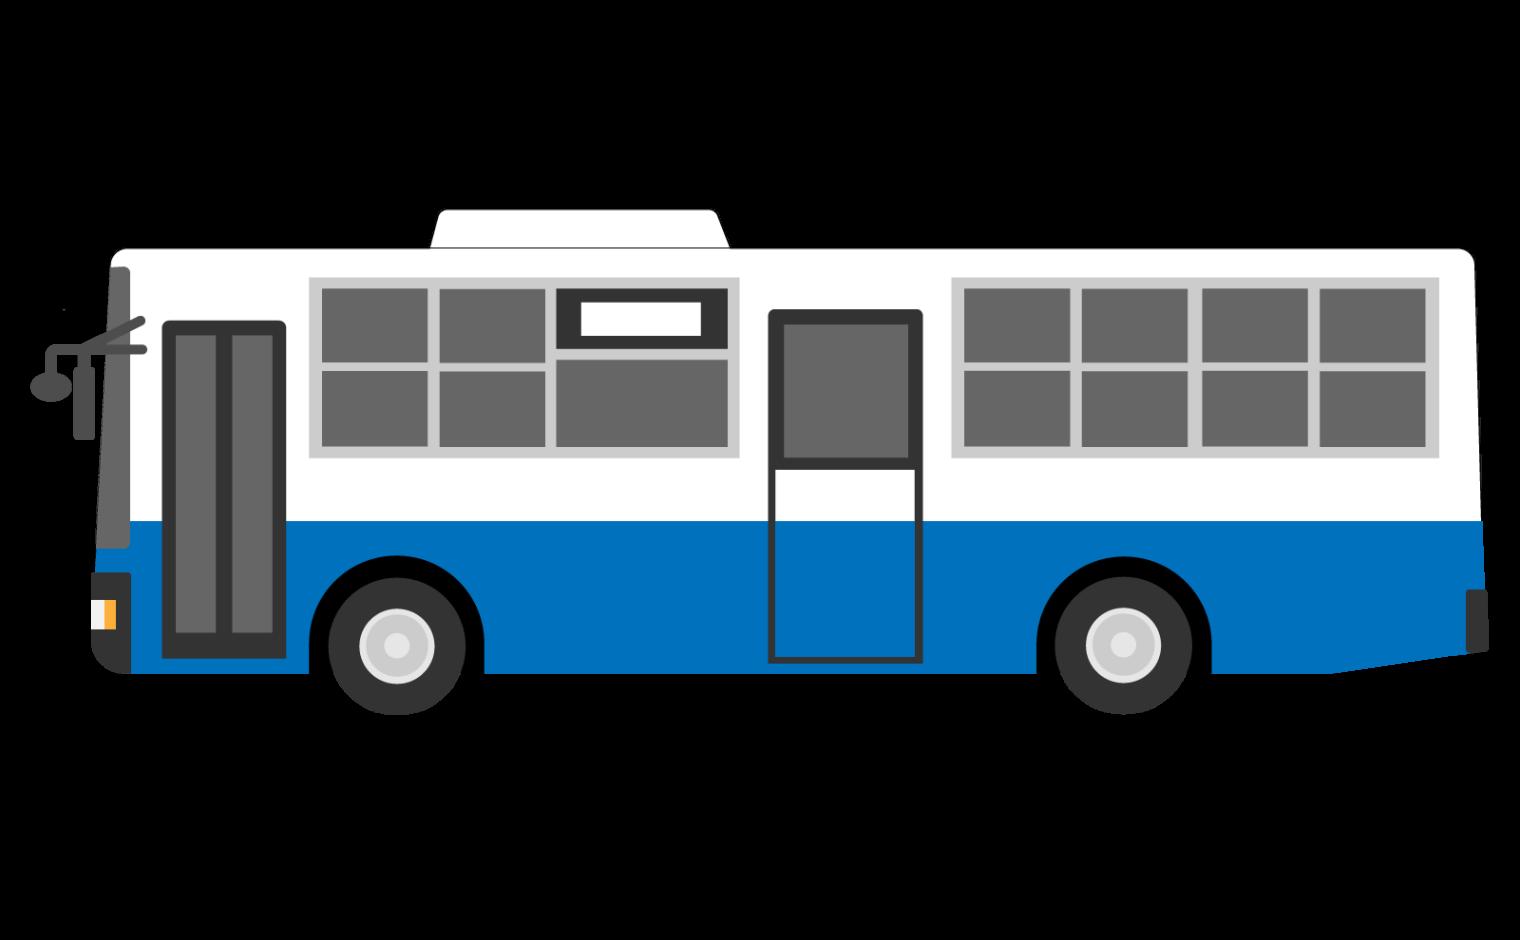 路線バスの優先